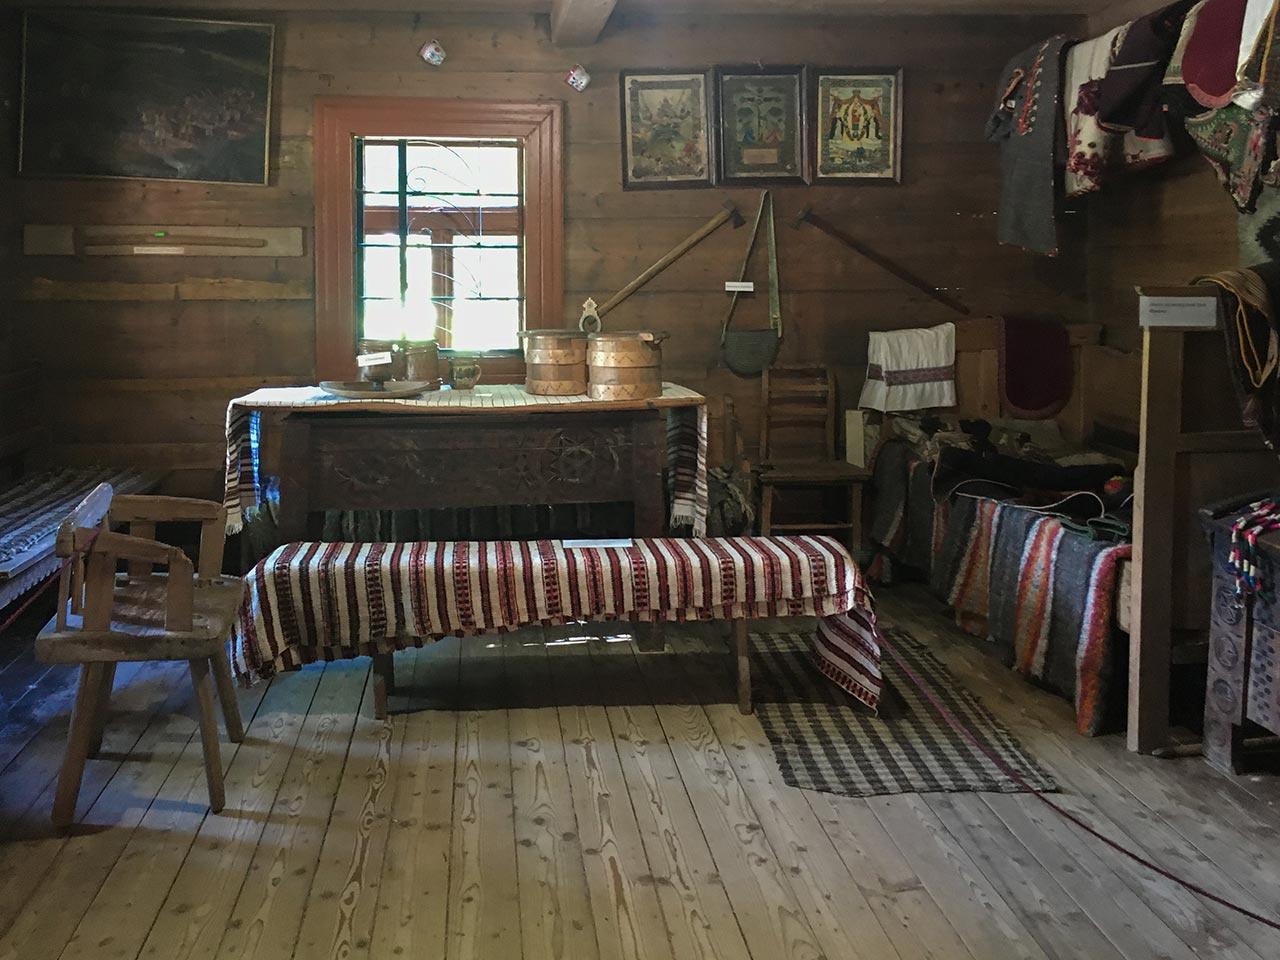 Кімната, яку Іван Франко винаймав у домі Василя Якіб'юка. Сучасний вигляд, приміщення ЛММ Івана Франка в Криворівні. Фото авторки